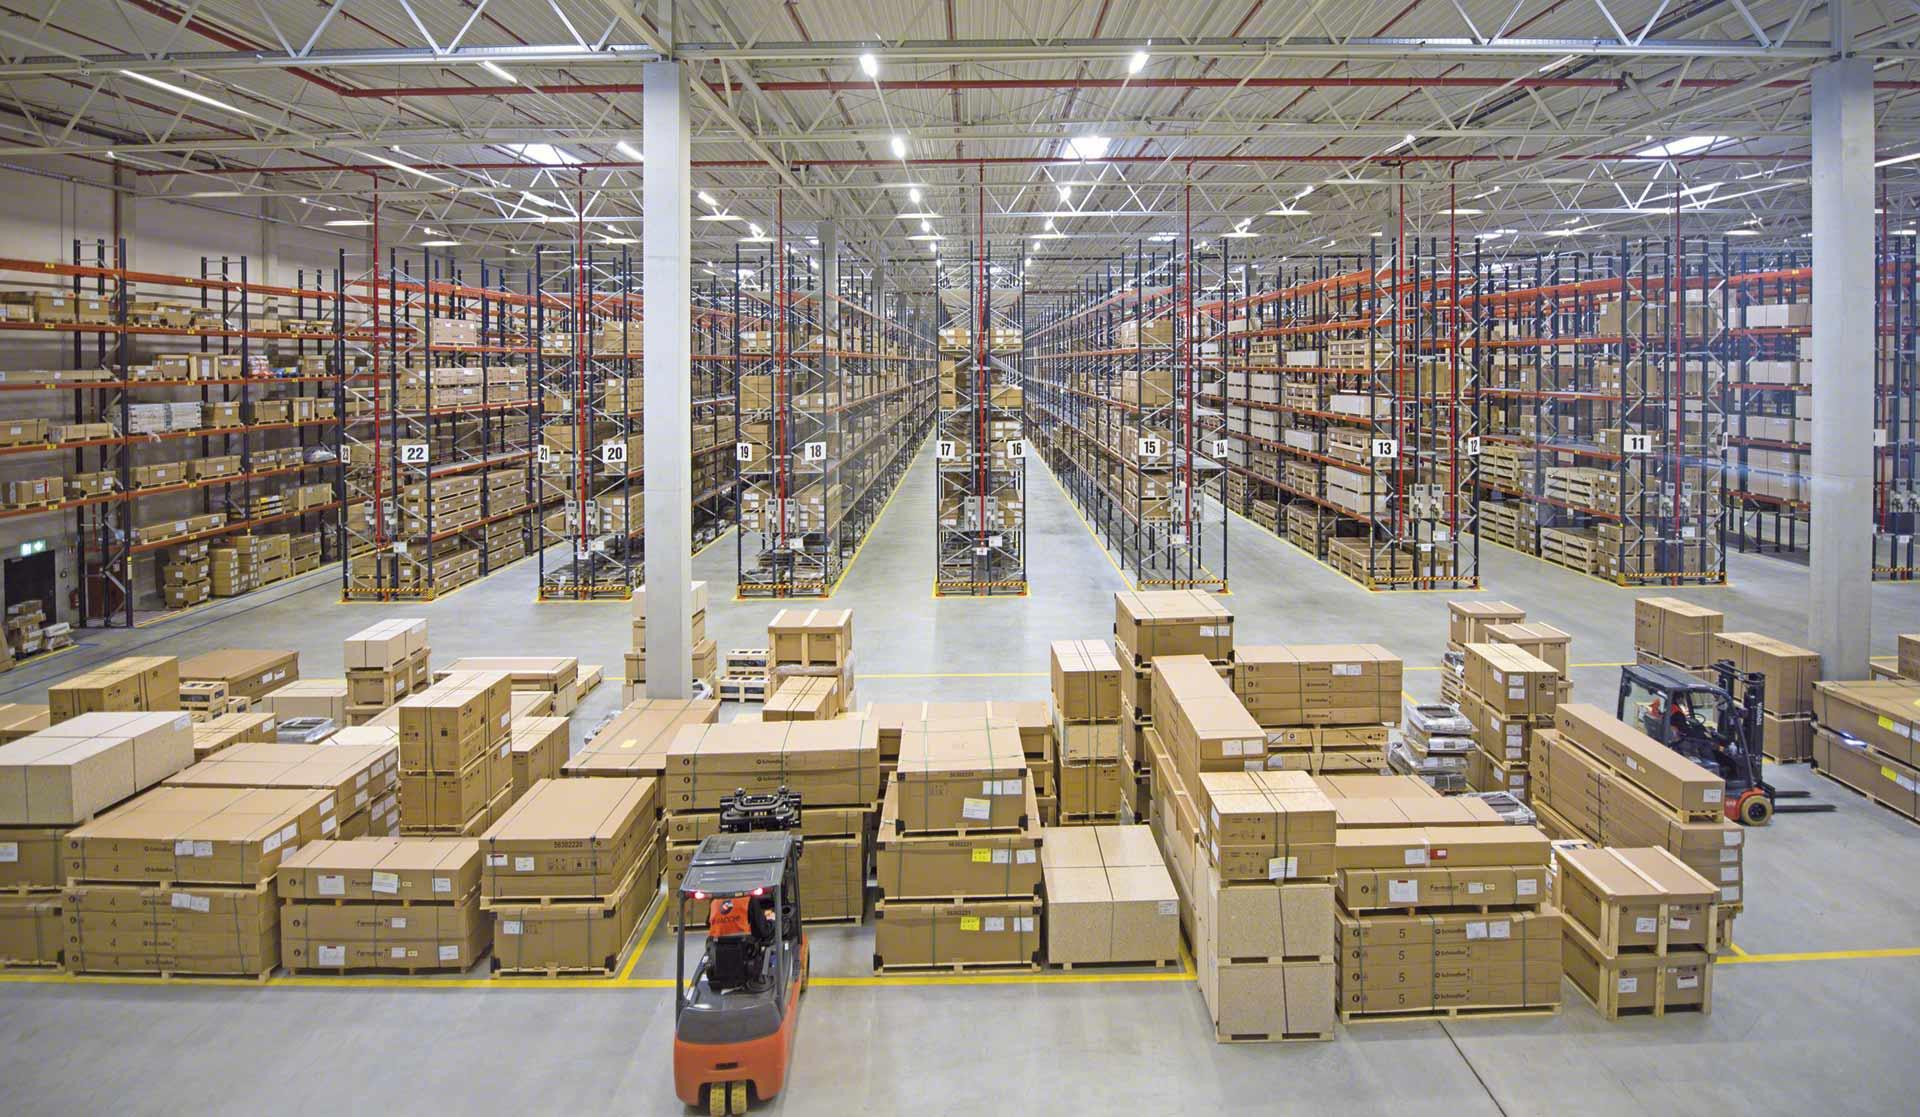 La logística de aprovisionamiento hace referencia a la adquisición y almacenamiento de mercancía